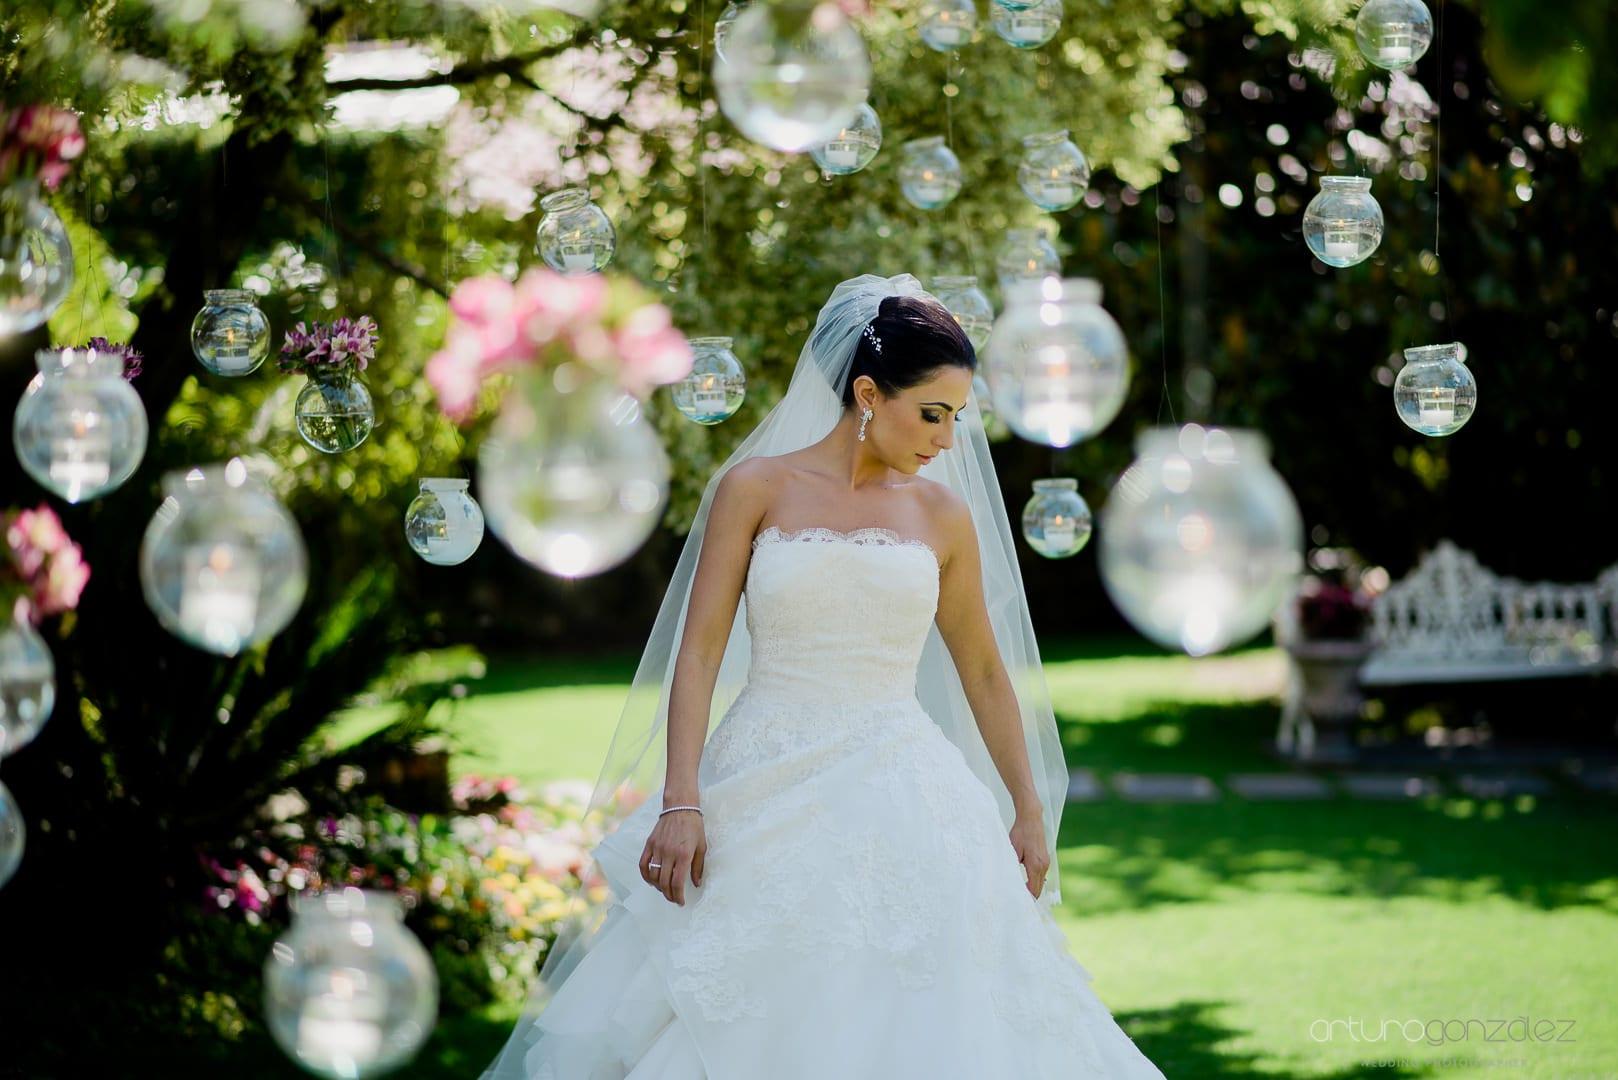 fotografias-de-boda-la-constancia-puebla-39